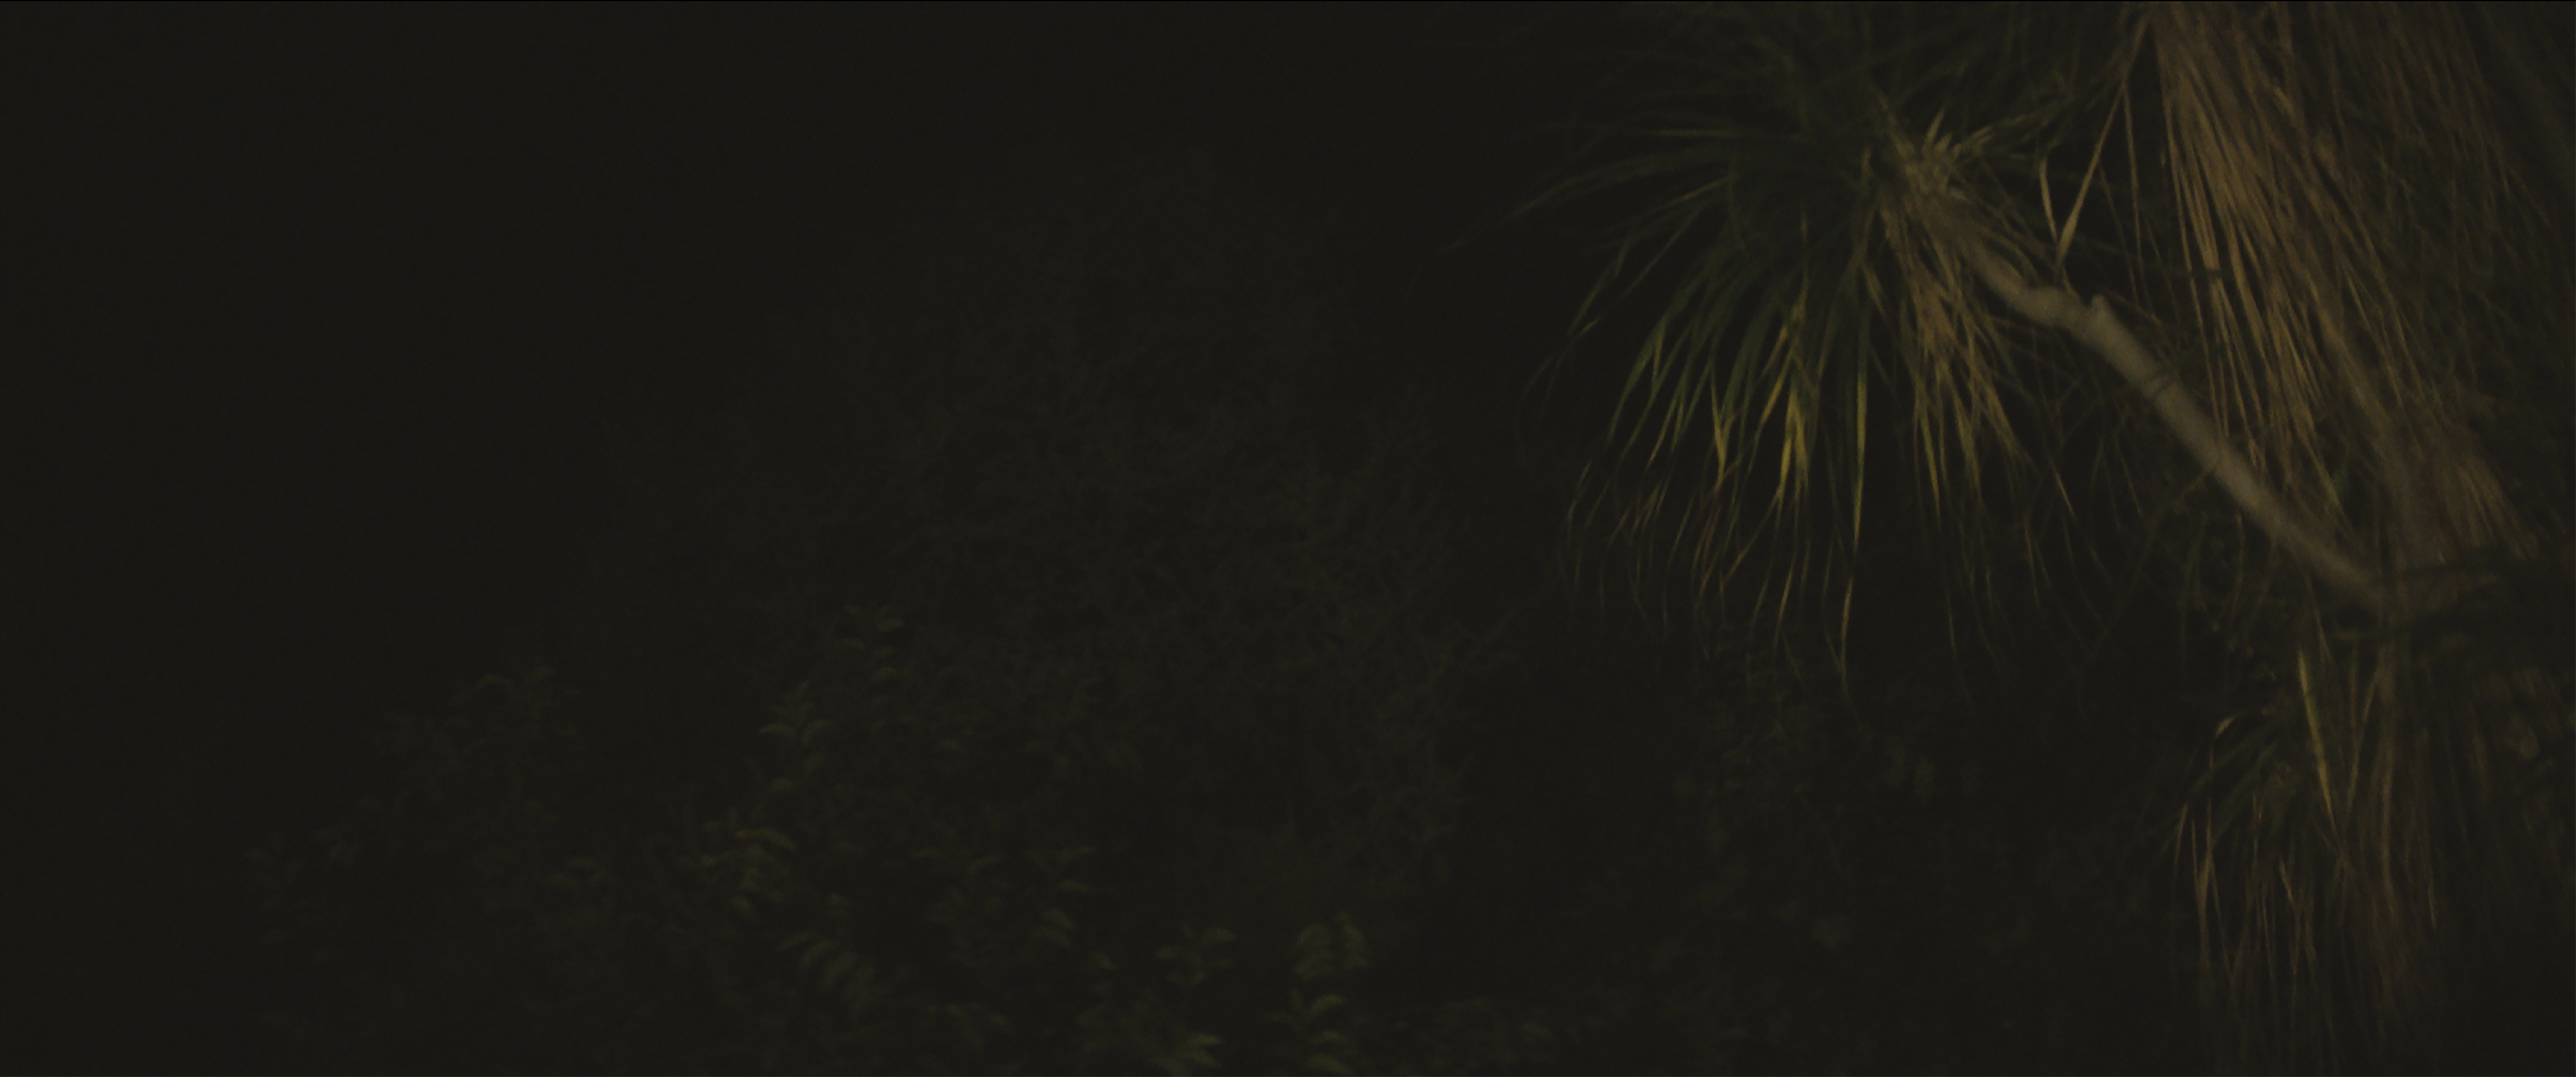 Saint Laurent Introduces Self03 Film by Bret Easton Ellis